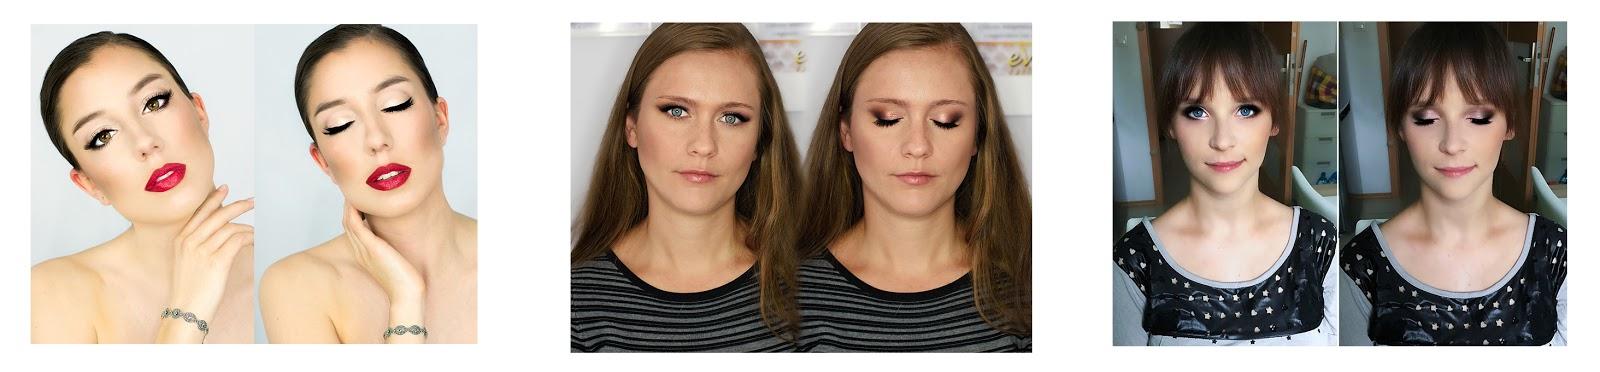 makijaż poznań,wizazystka poznań,makijaż ślubny poznań,makijażystka poznań-kinga czarnecka,kamini makeup,makijaż,makijaz wieczorowy,makijaz kobiety dojrzałej,makijaz okazjonalny,makijaz krok po kroku